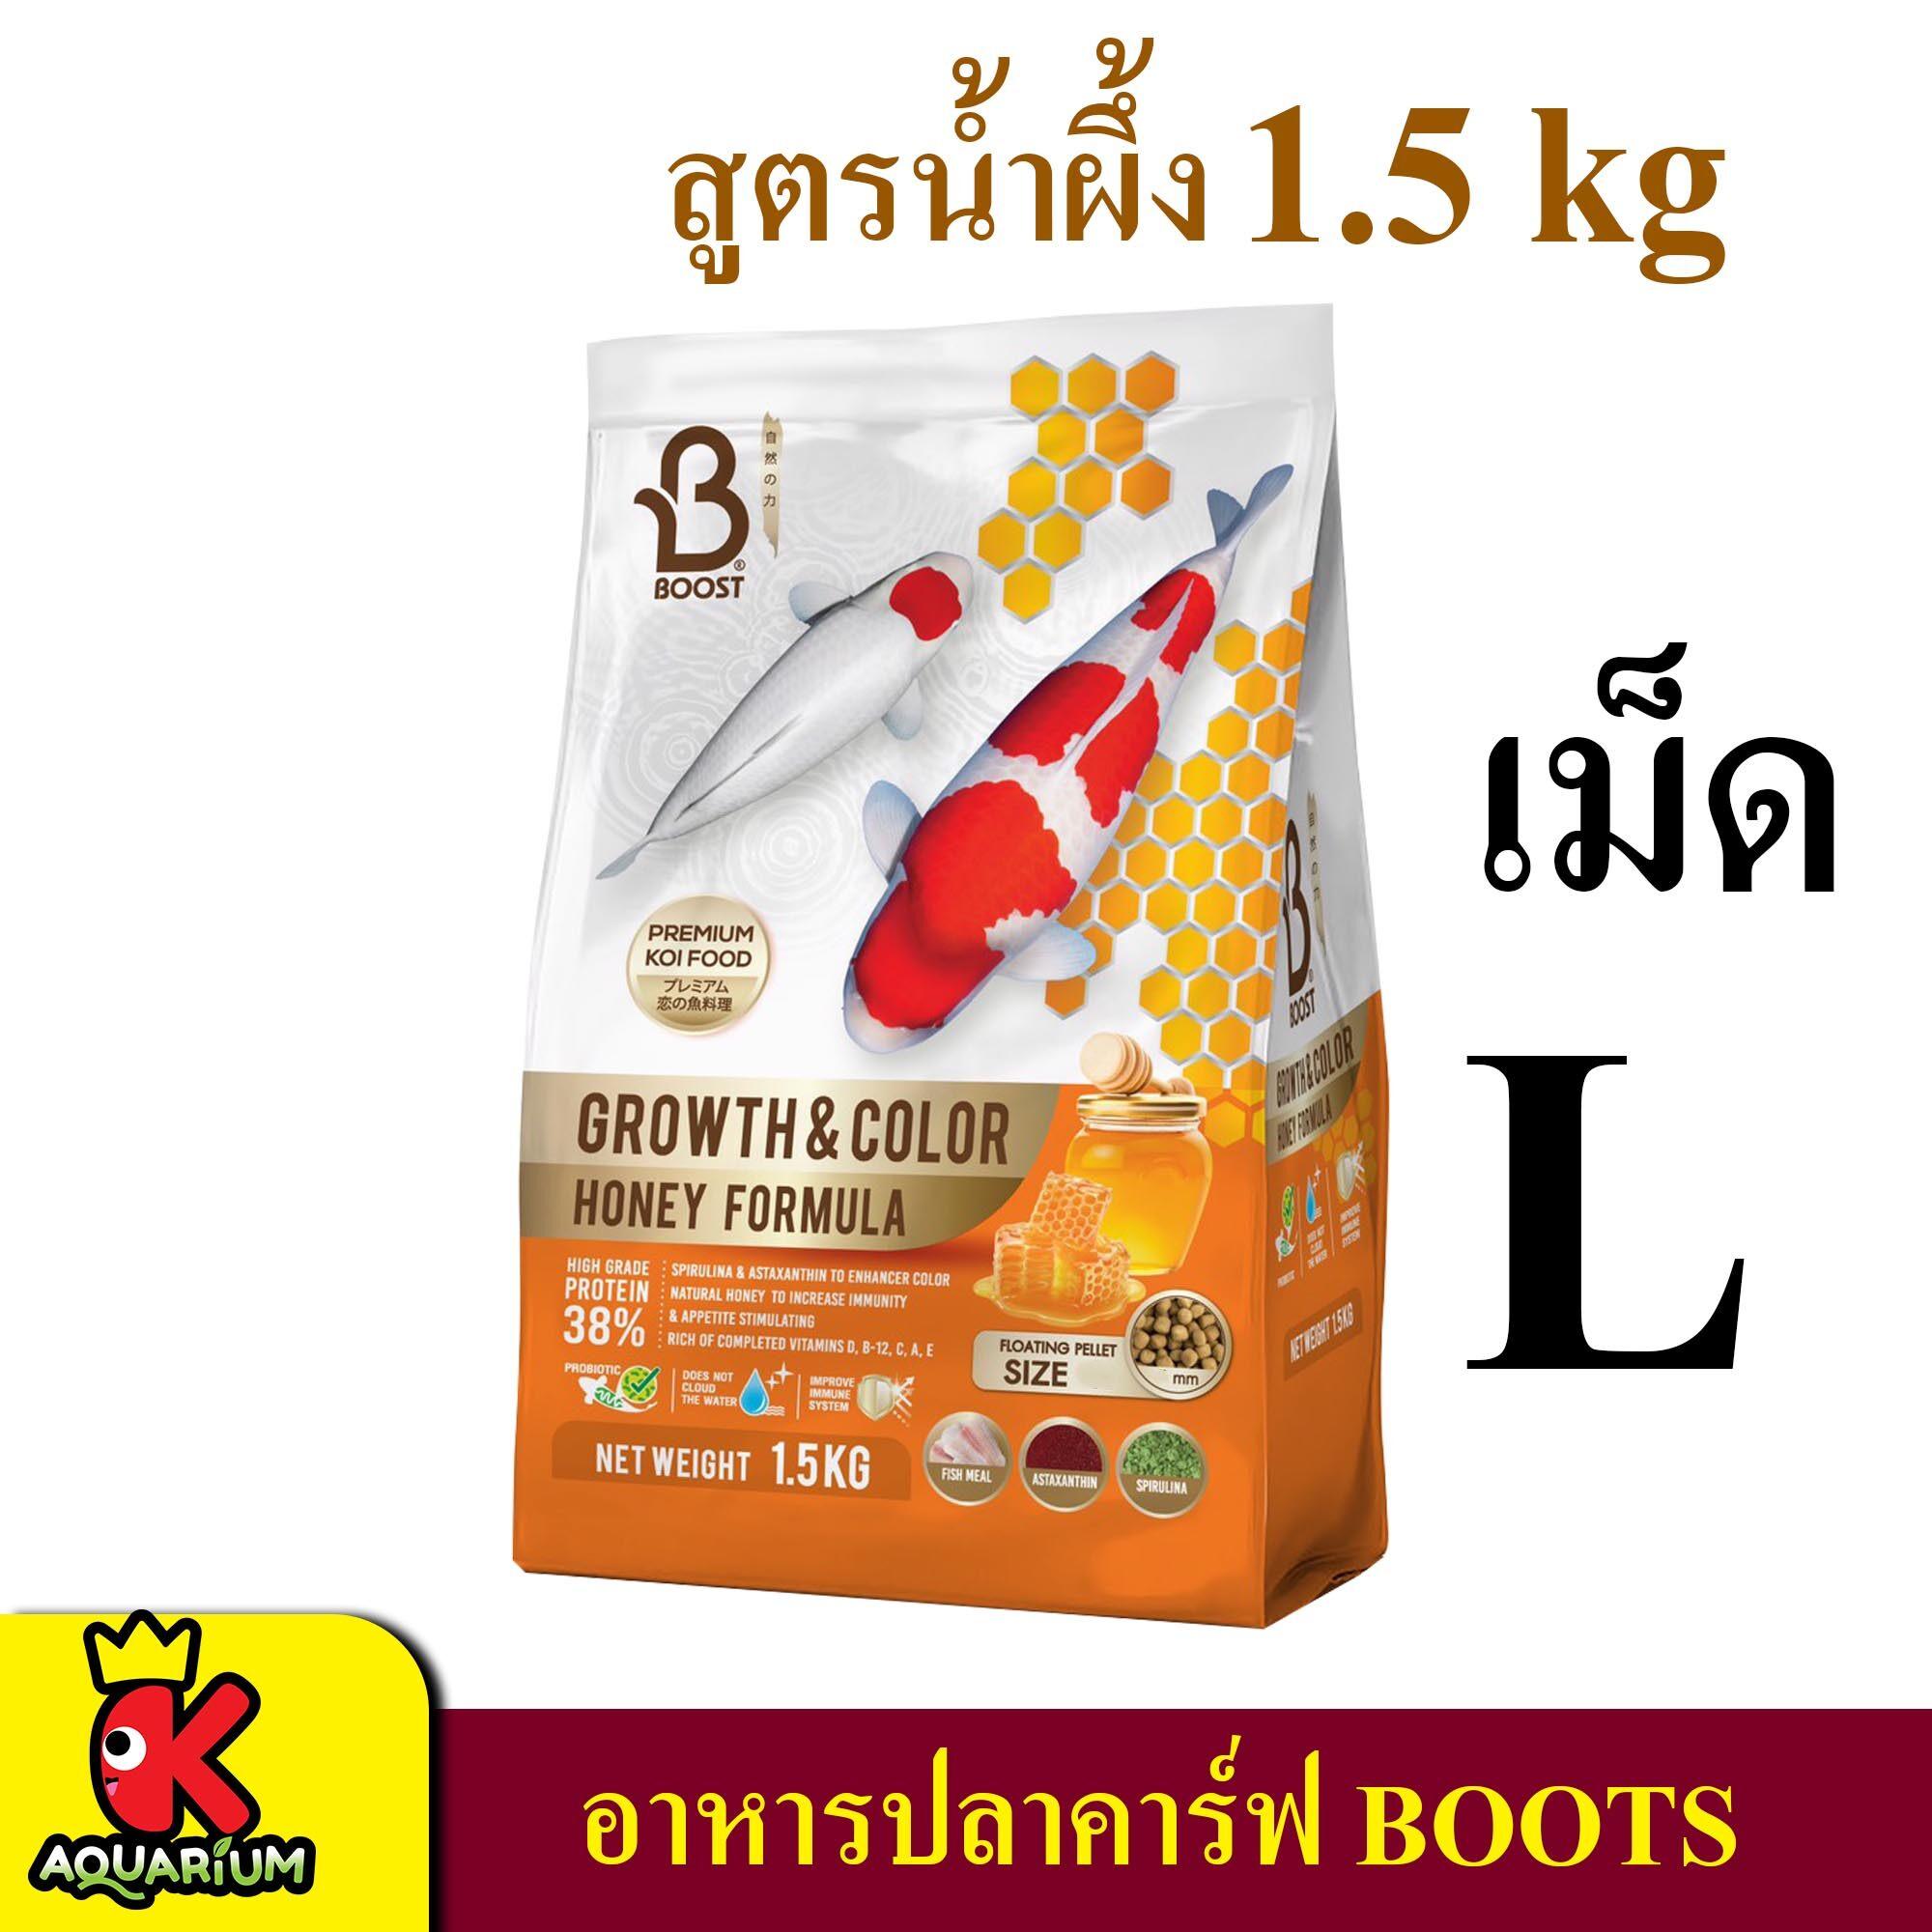 อาหารปลาคาร์ฟ บูทส์ 1.5 ก.ก. Boost Growth&Color Honey ขนาดเม็ด  L